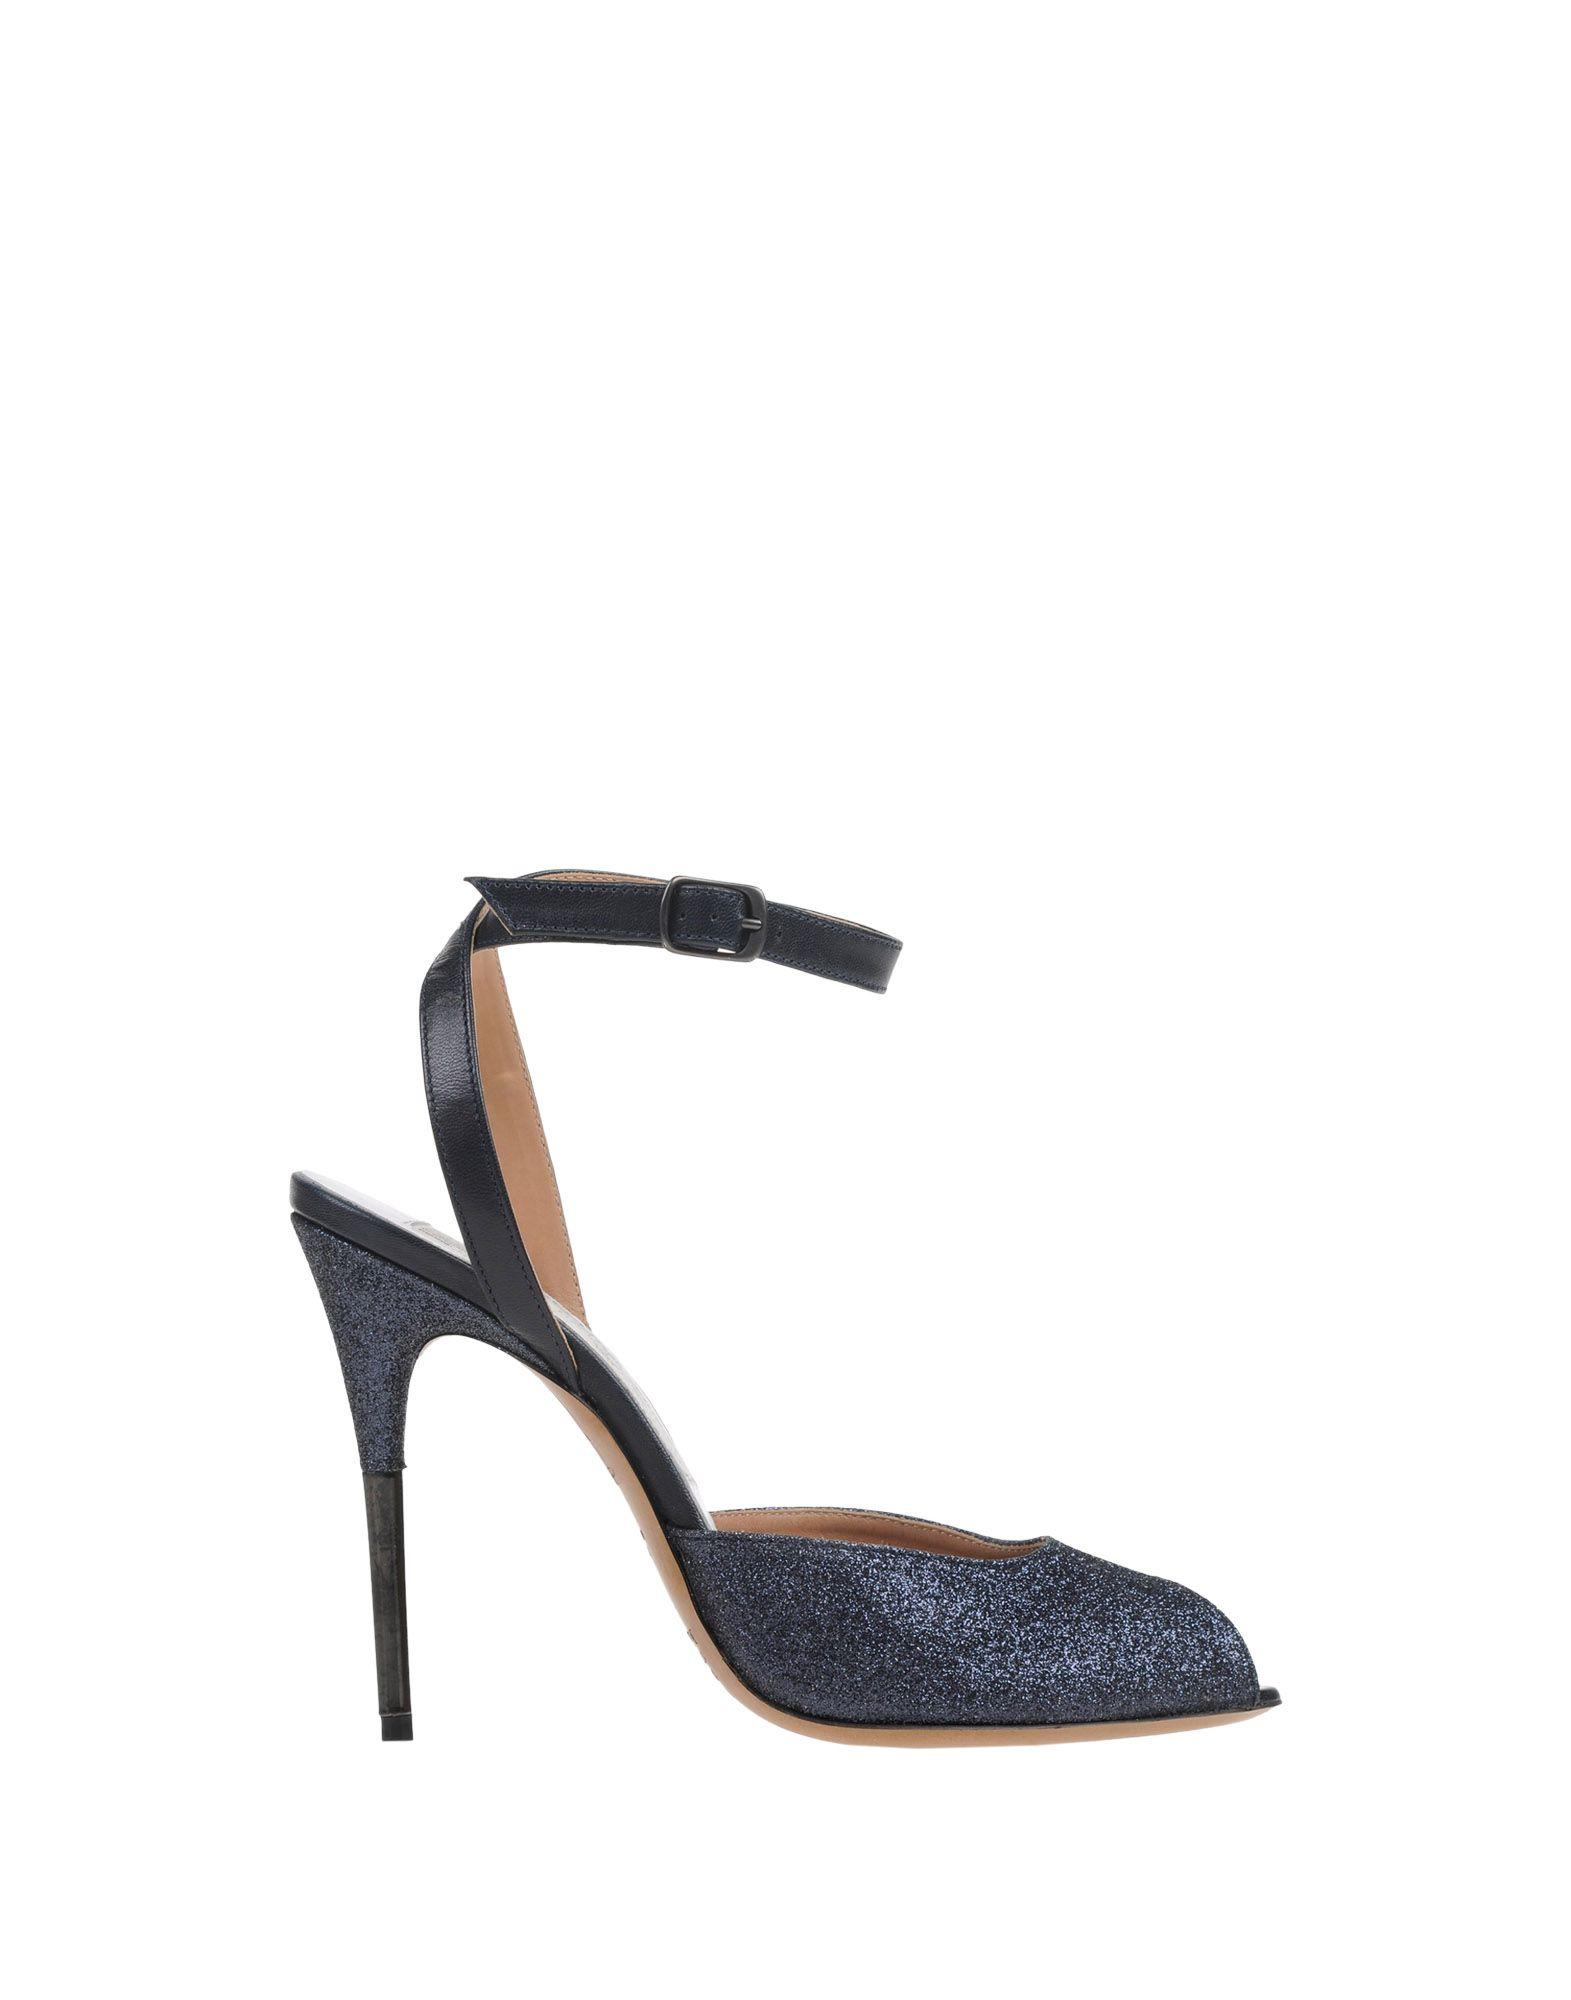 Maison Margiela Sandalen Damen  11115221IBGut aussehende strapazierfähige Schuhe